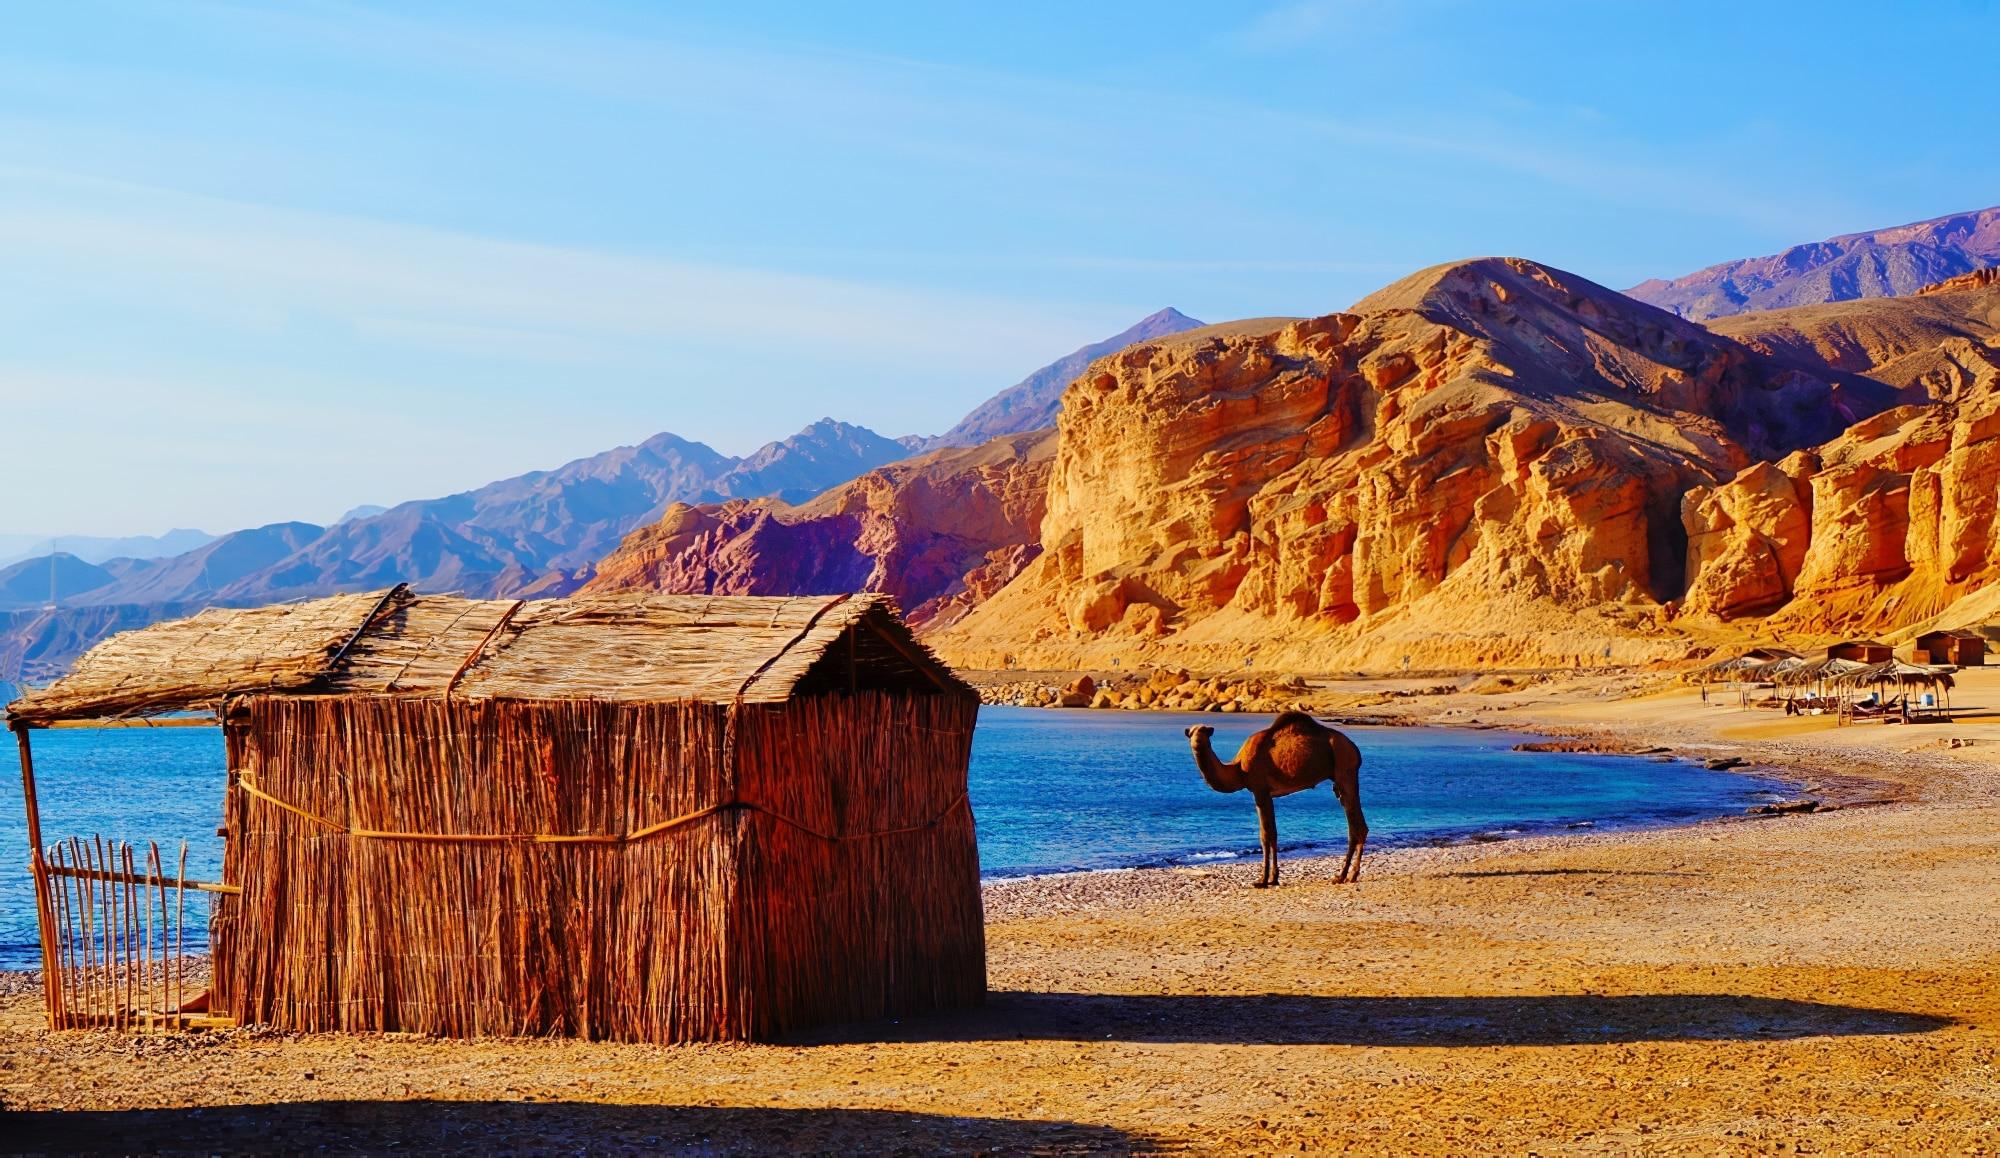 Sinaï, Égypte